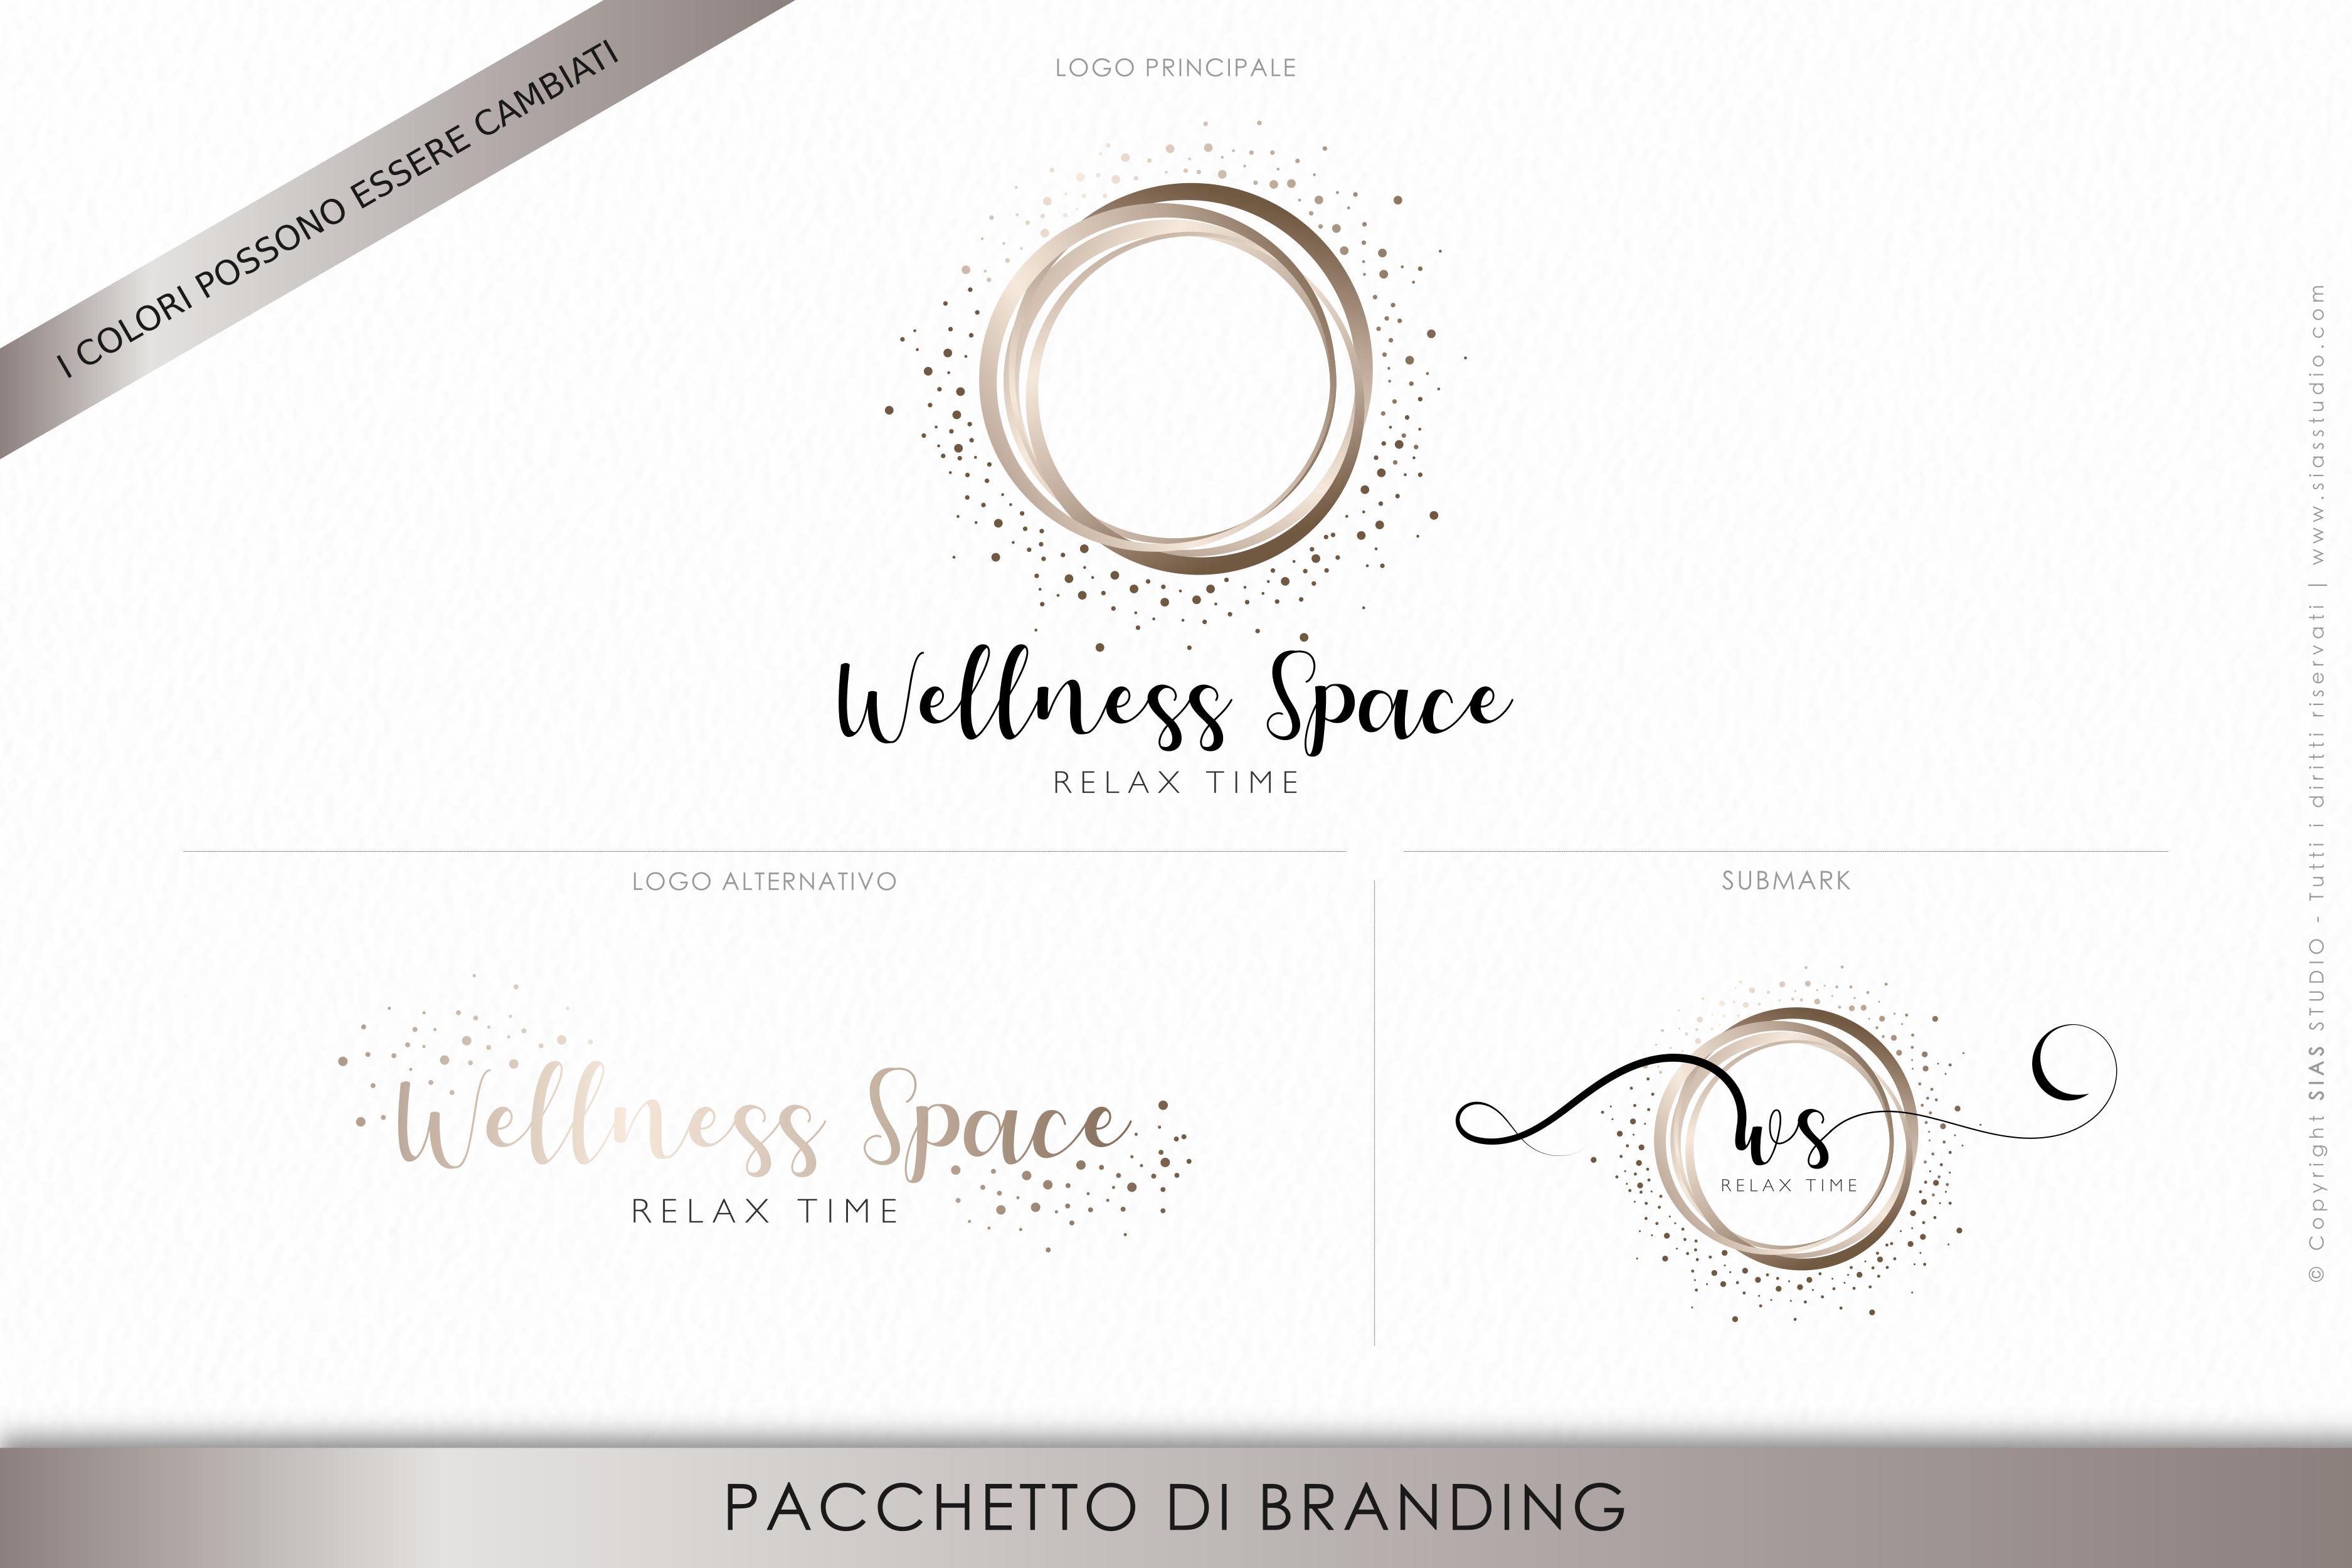 """Pacchetto di branding precostruito """"Wellness Space"""", Design elegante con cerchi"""